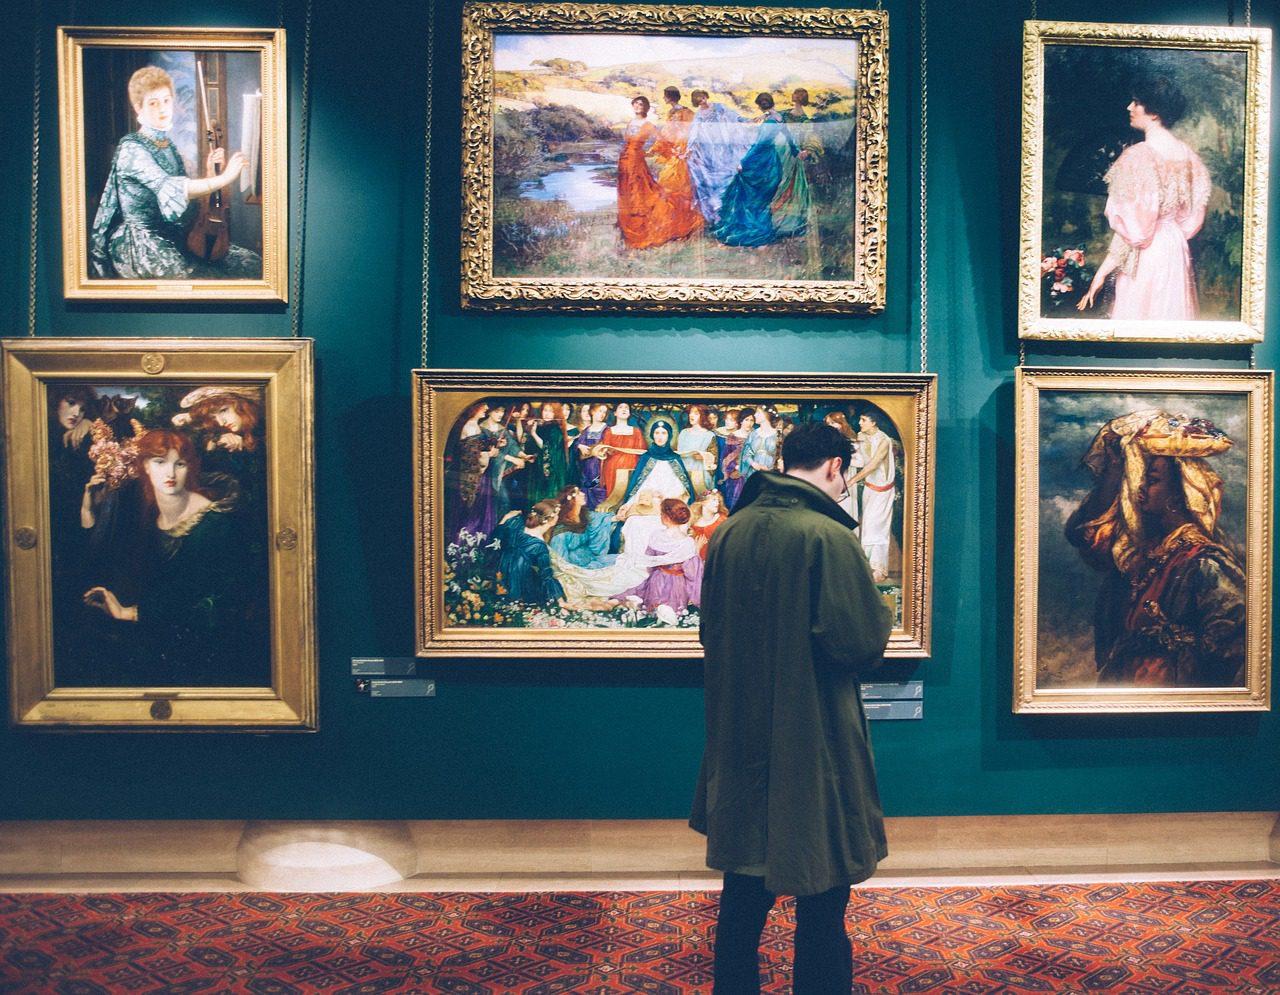 Fotografar com flash prejudica obras de arte?